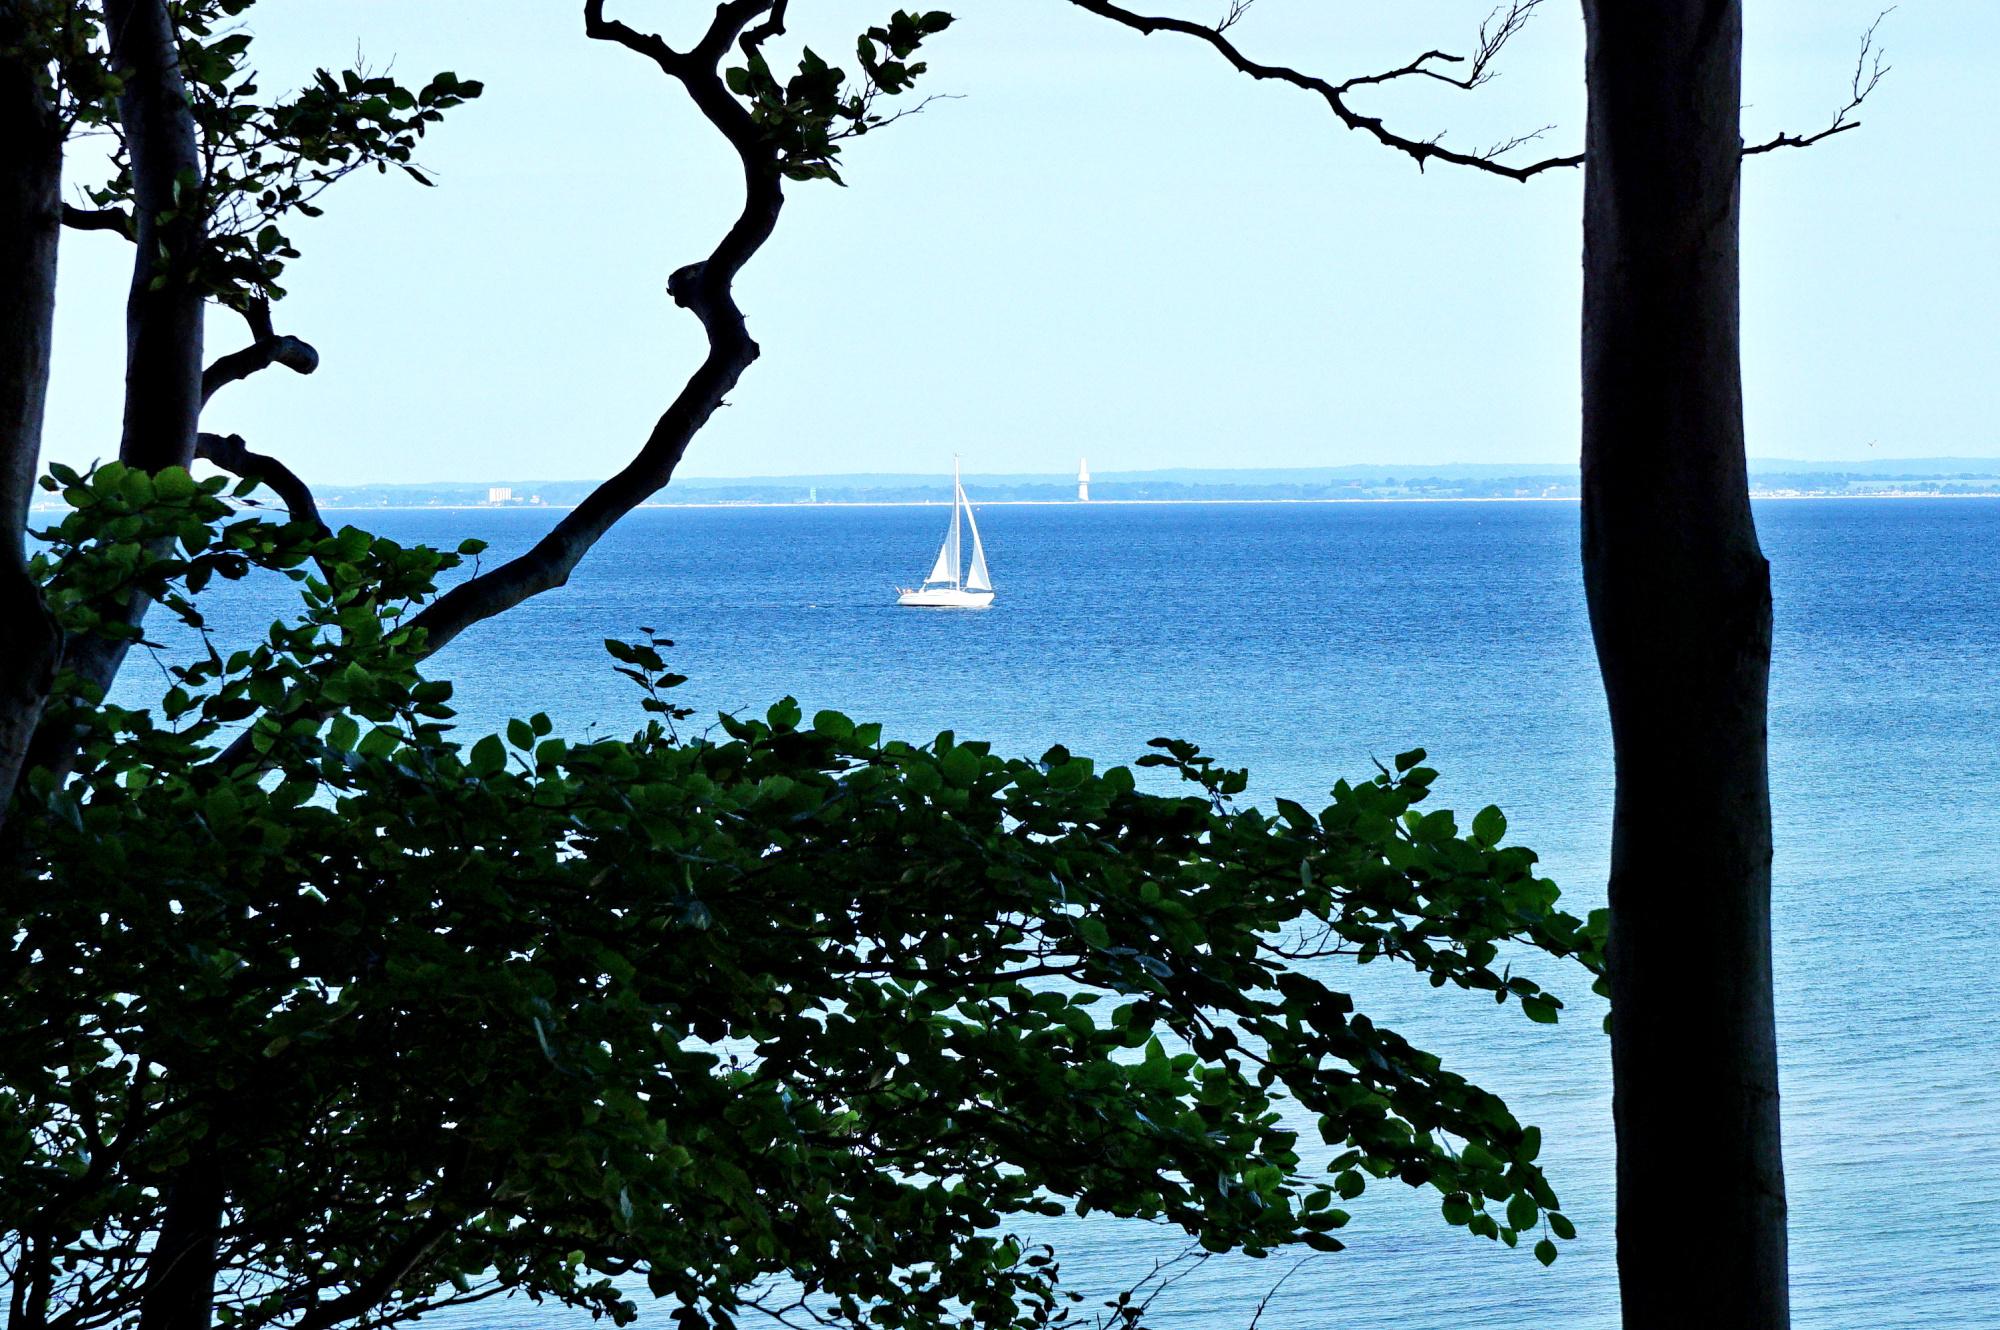 Toller Blick auf die Ostsee von der Brooker Höhe